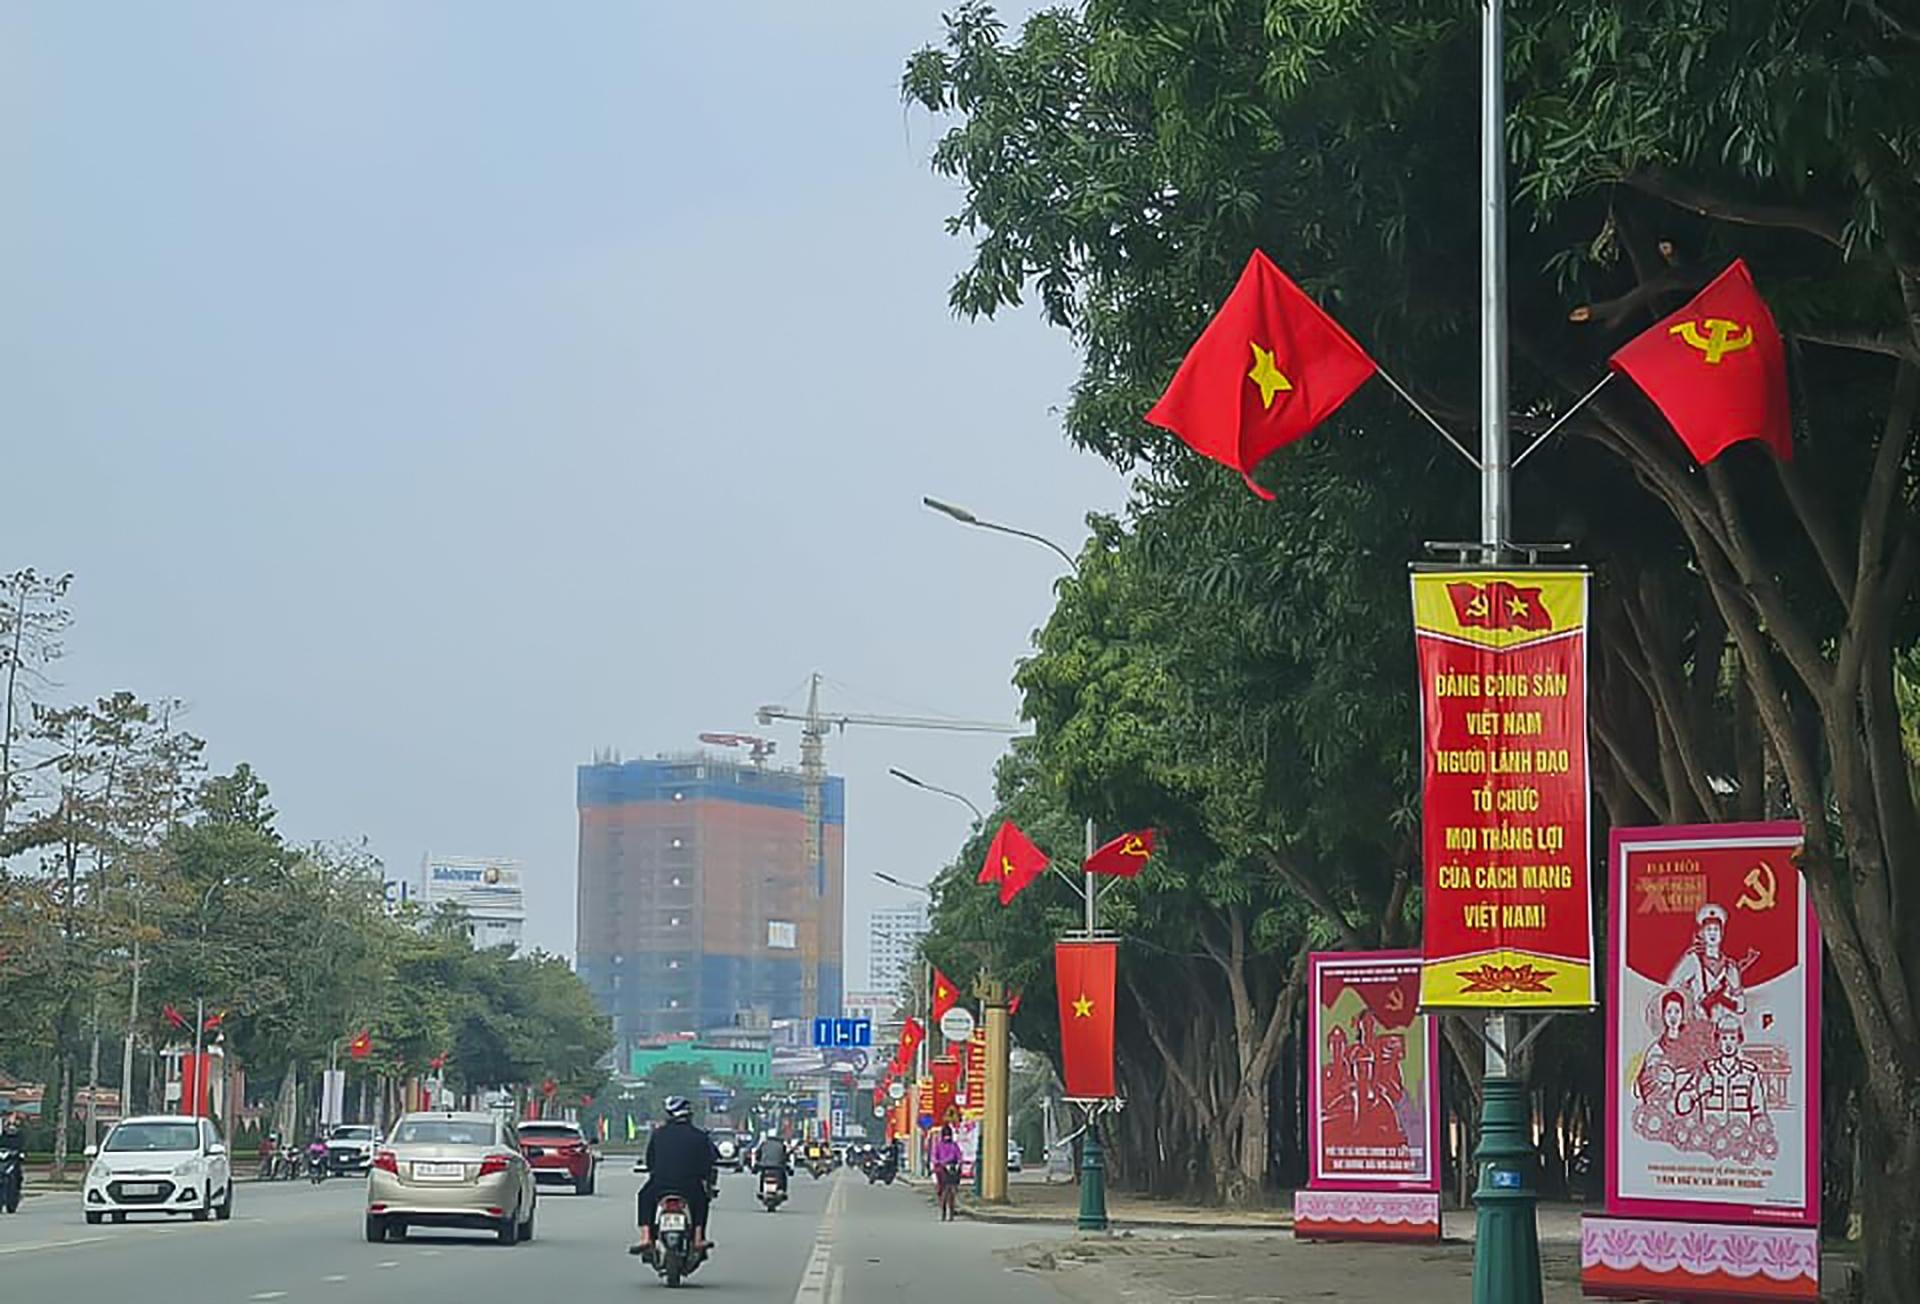 Trong không khí chào mừng Đại hội Đảng toàn quốc lần thứ XIII, ở tất cả các địa phương của tỉnh Nghệ An: từ thành thị đến nông thôn; từ đồng bằng cho đến đồng bào miền núi xa xôi đều tràn ngập cờ hoa.